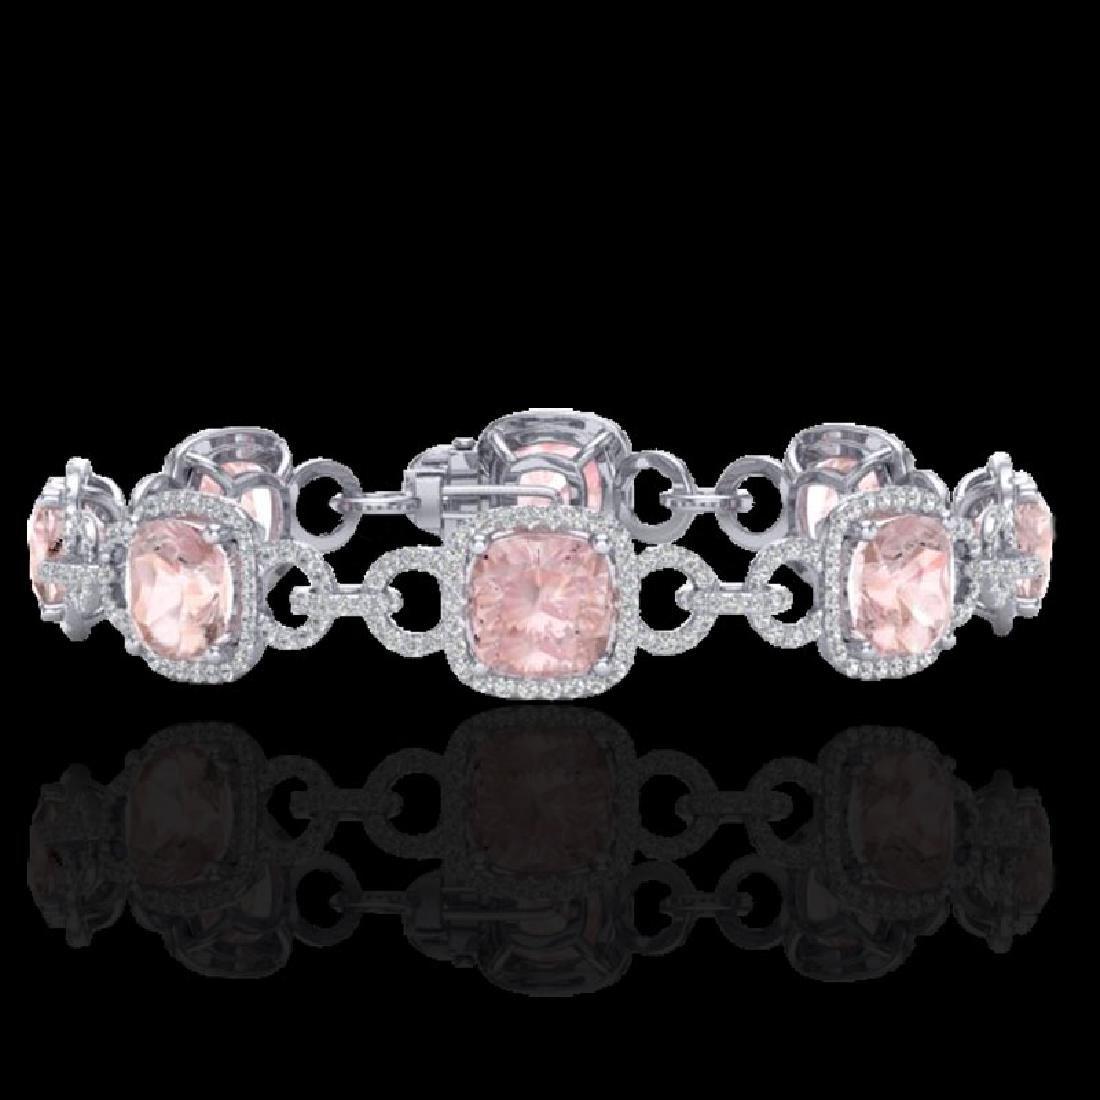 22 CTW Morganite & Micro VS/SI Diamond Bracelet 14K